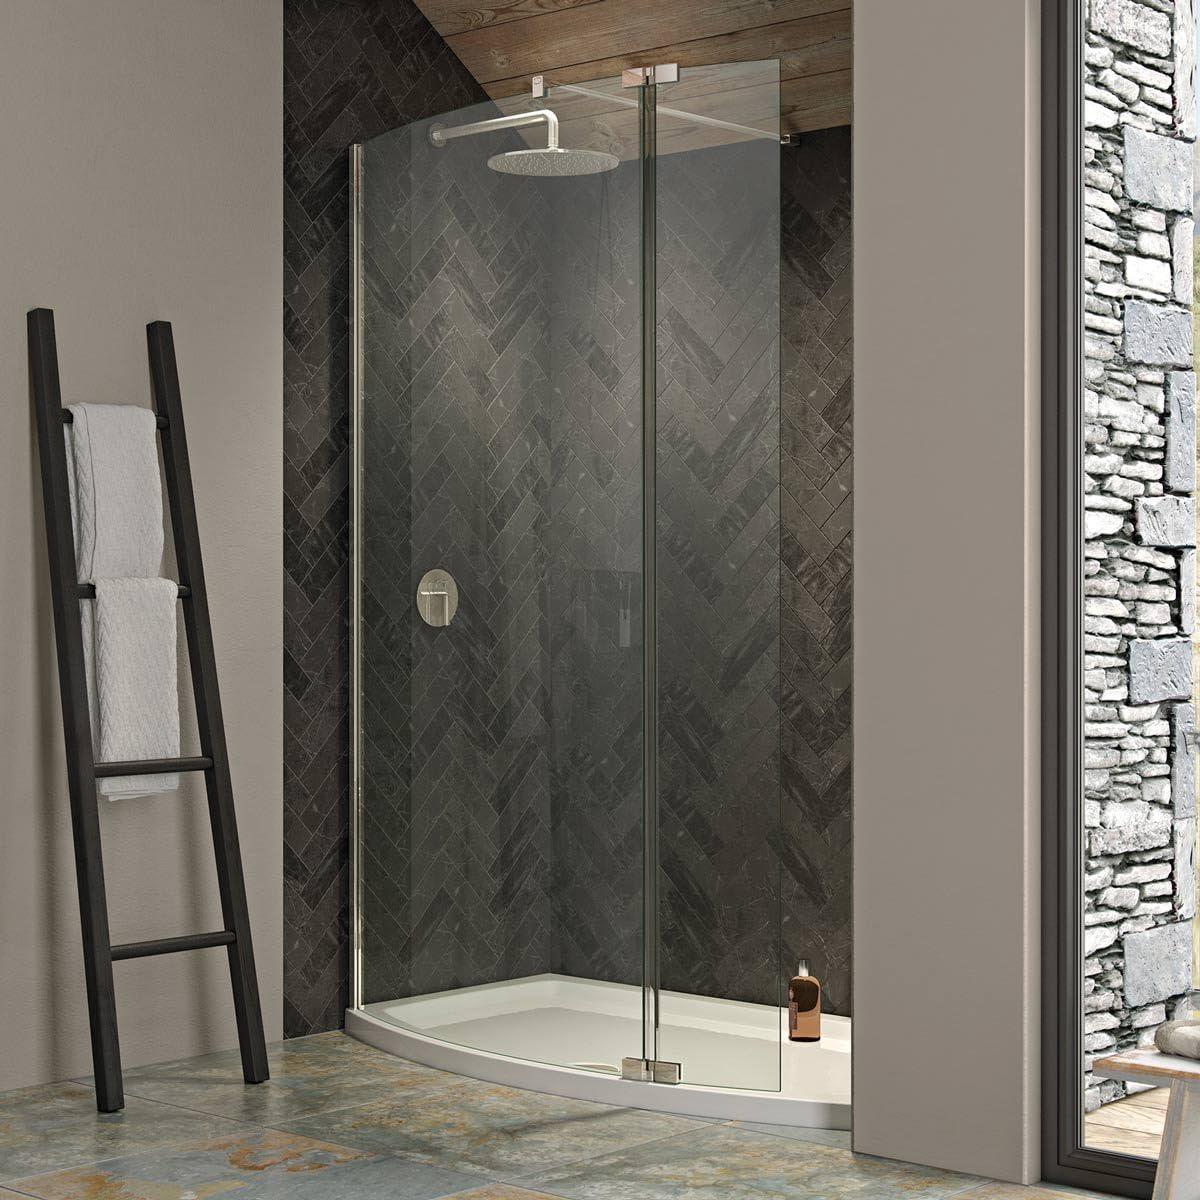 Kudos Ultimate 2 8 mm curvado Walk In hueco de ducha 1700 x 700 ducha con bandeja: Amazon.es: Hogar